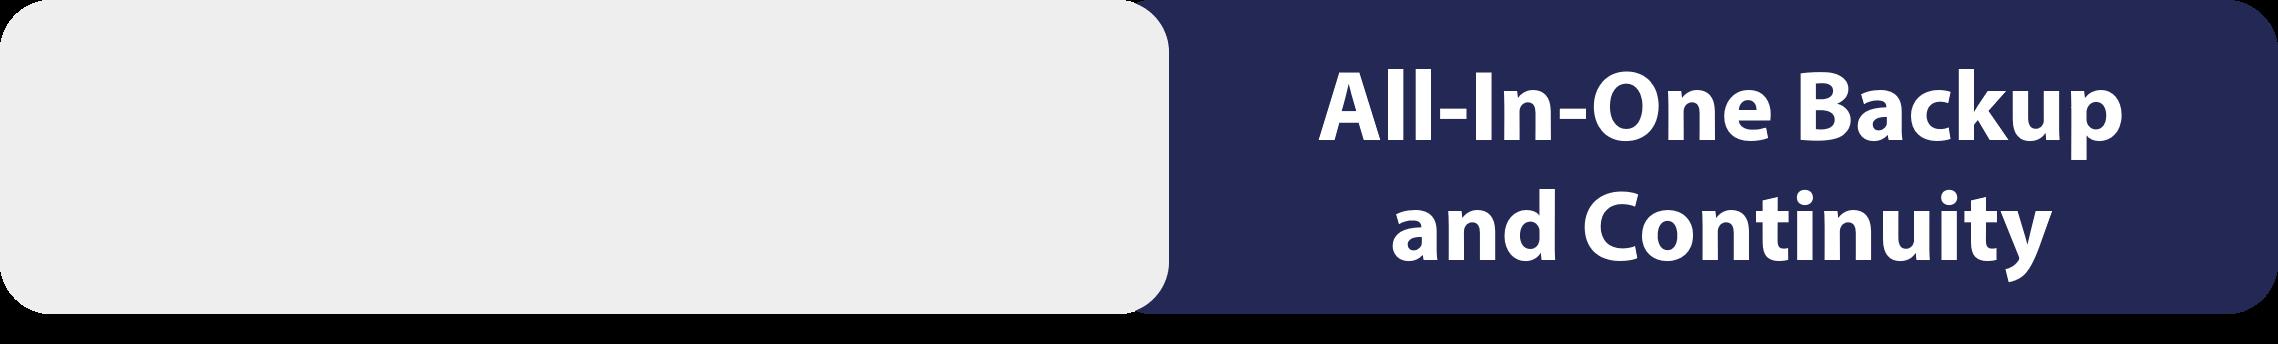 https://campaign-image.com/zohocampaigns/45426000007302004_zc_v31_unitrend_empty.png